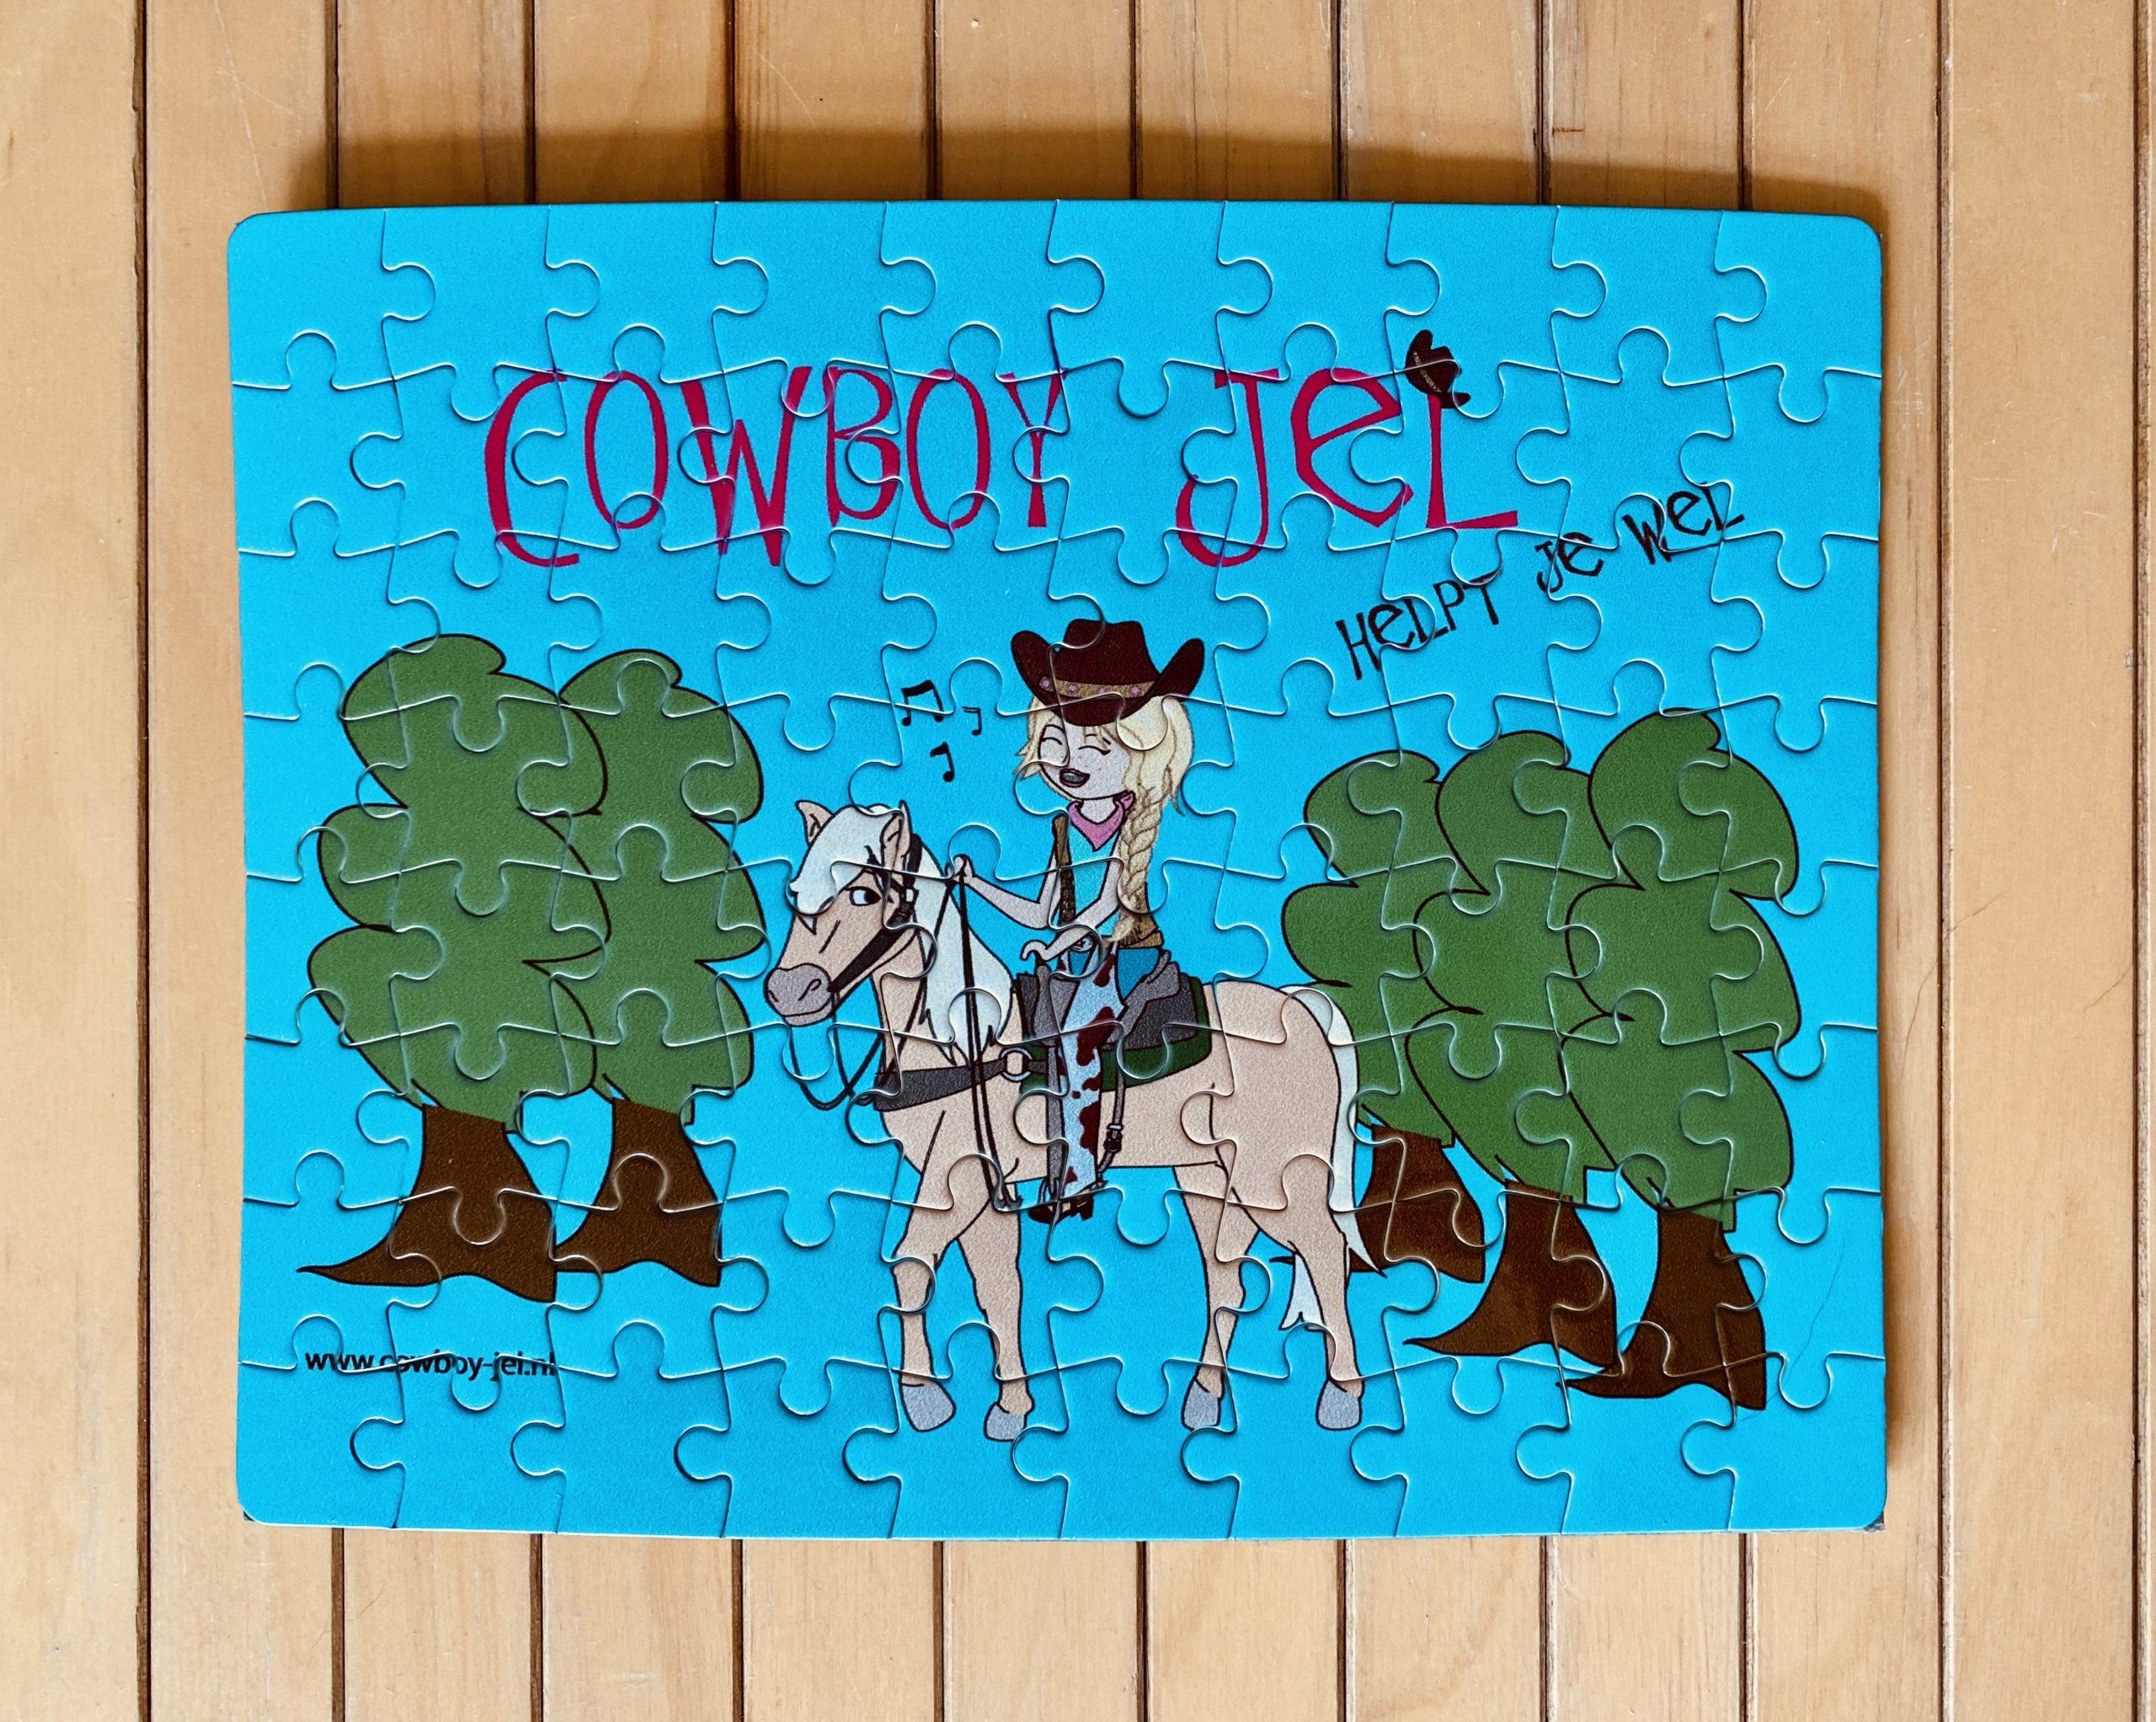 Cowboy Jel puzzel